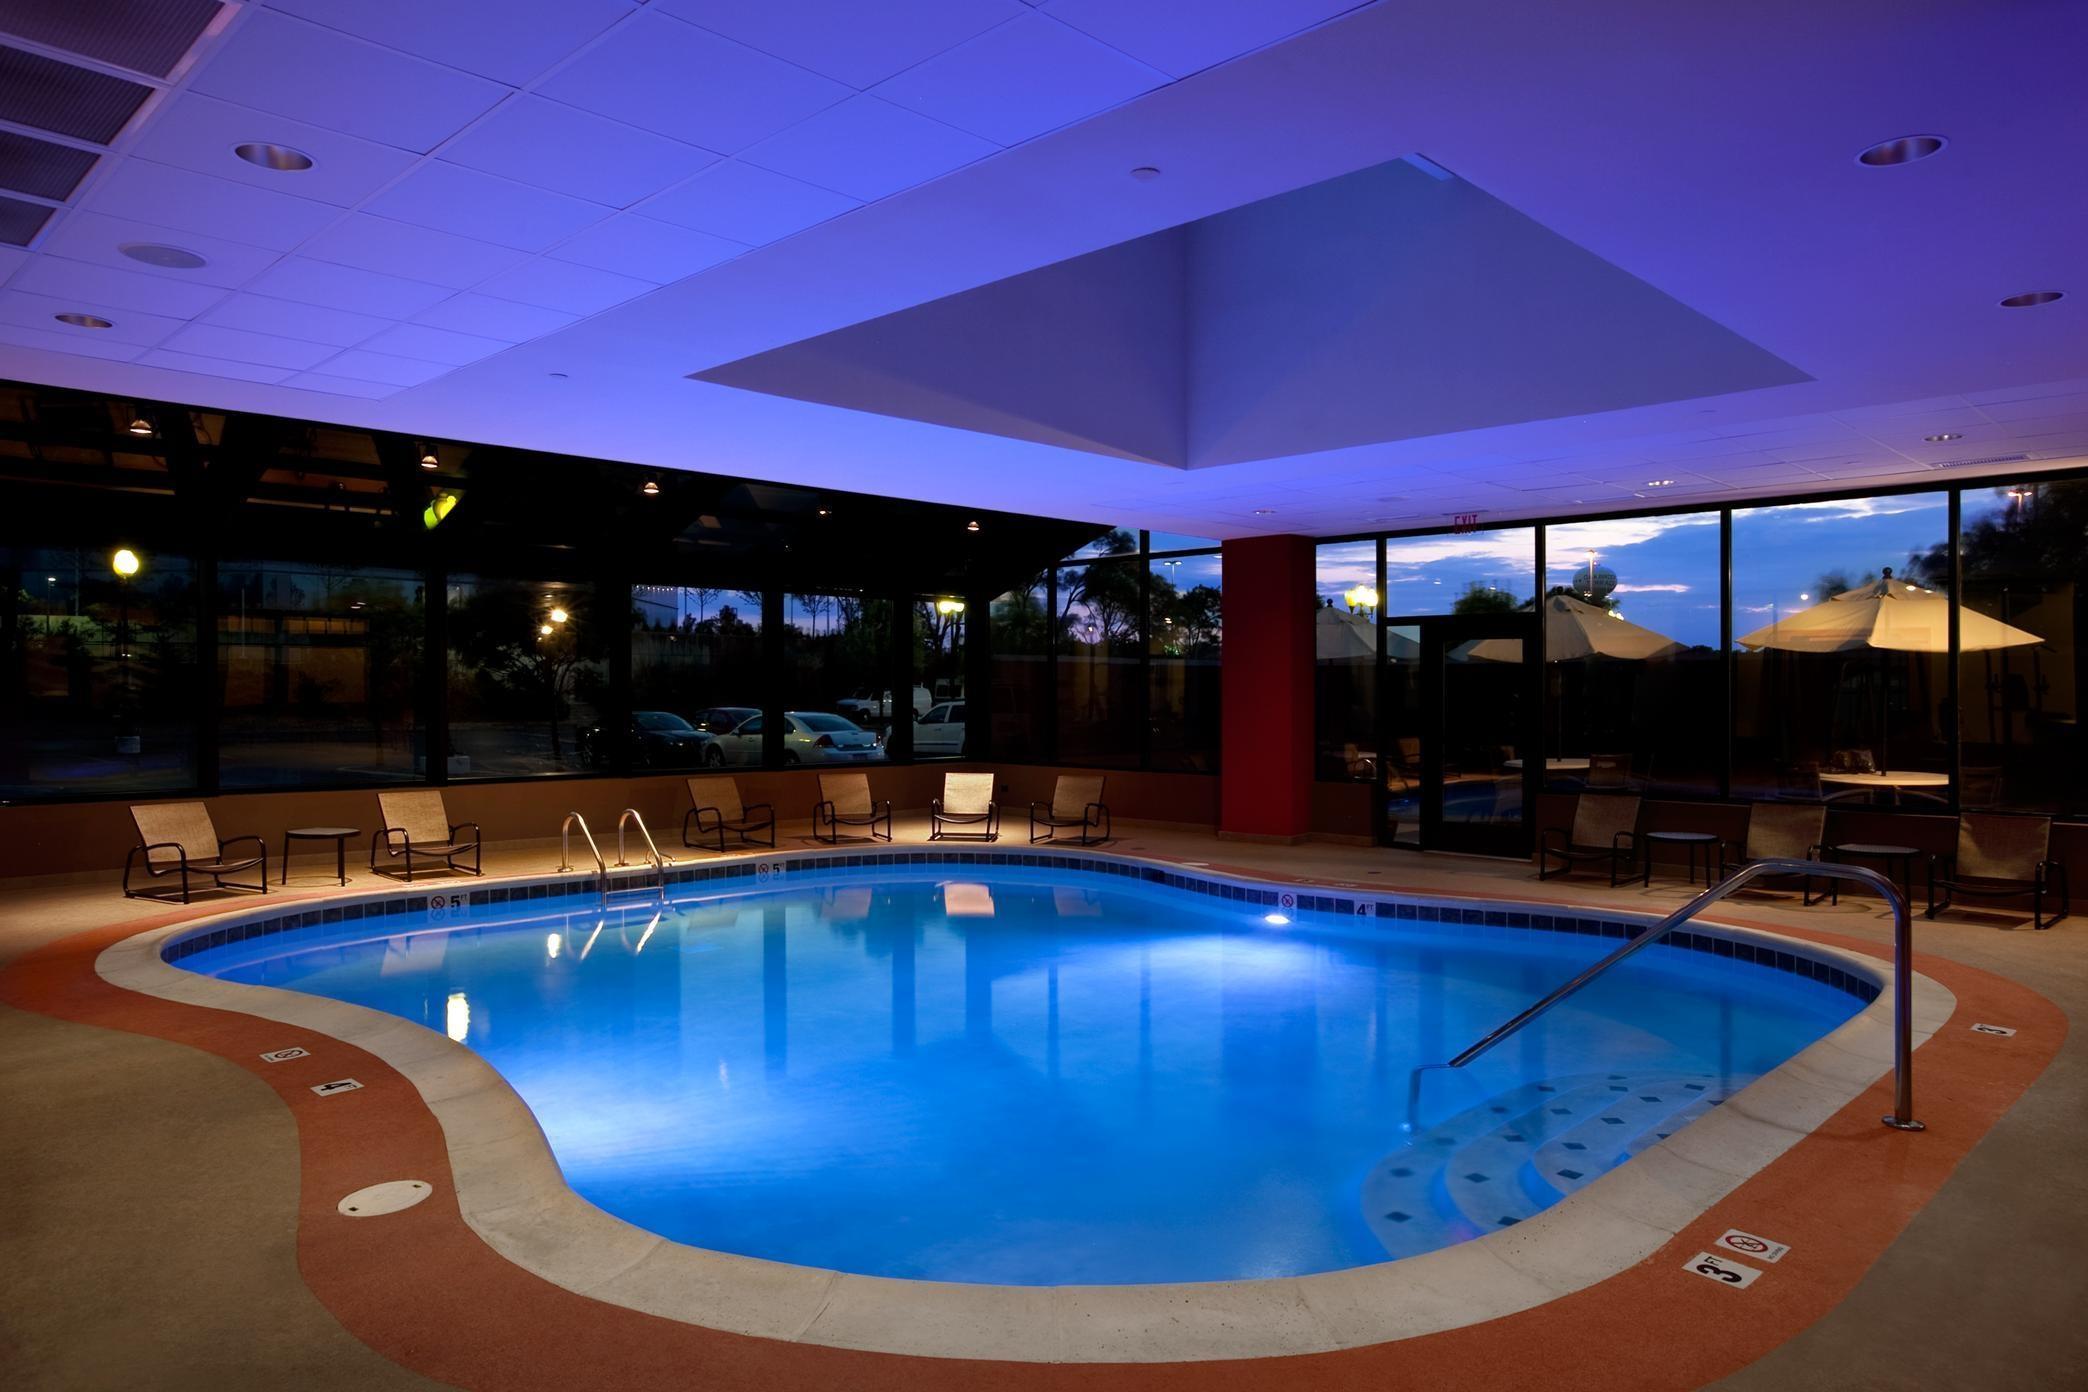 Hilton Chicago/Oak Brook Suites image 1